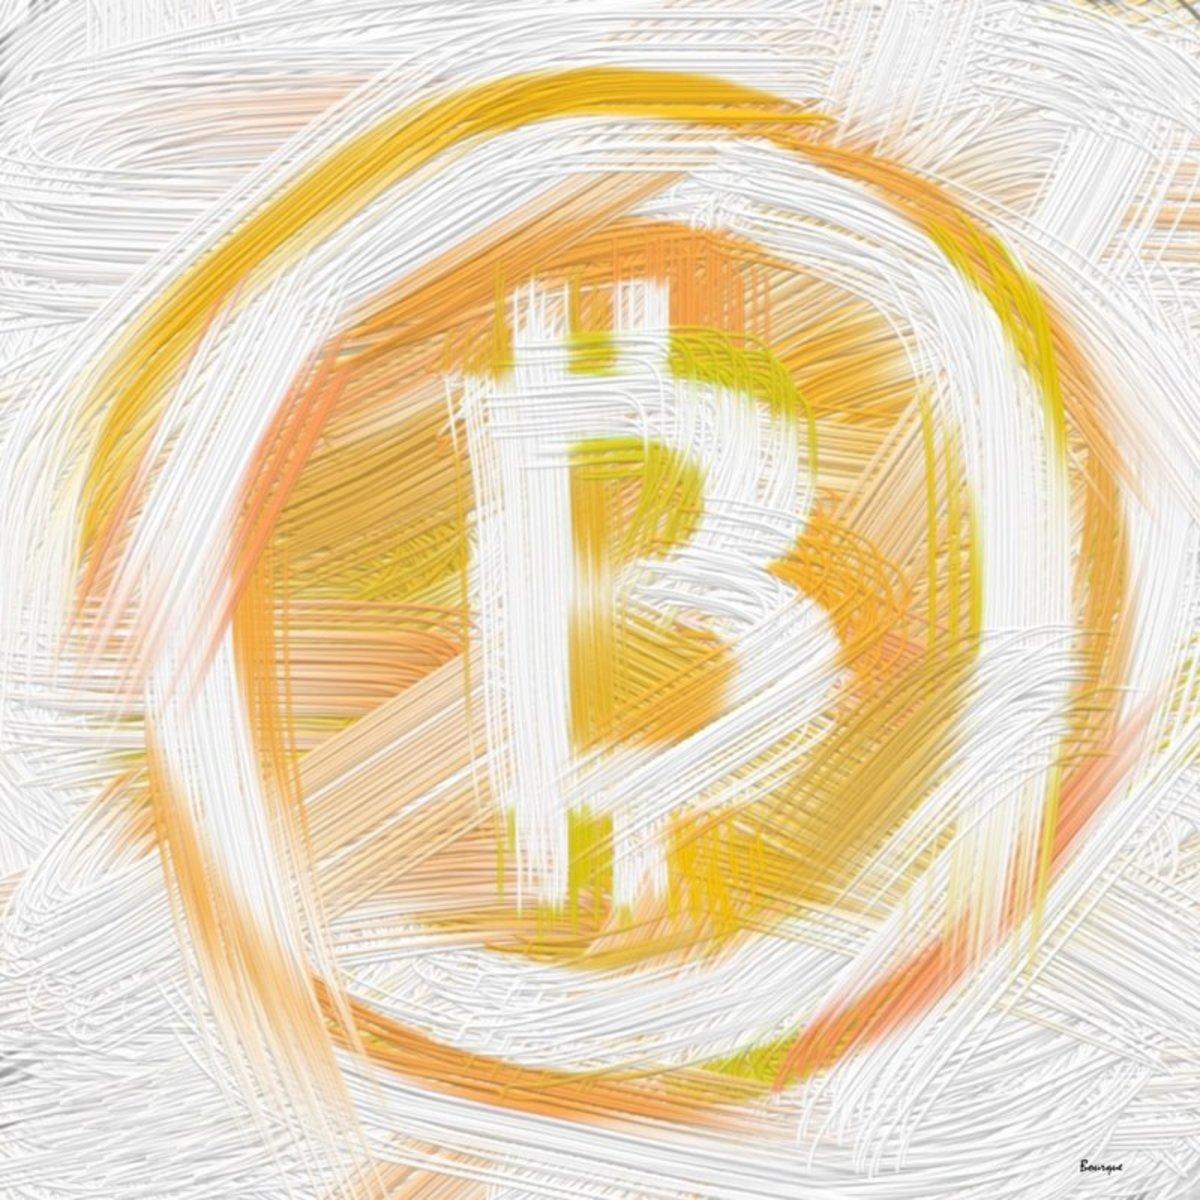 Op-ed - How Bitcoin Can Transform Art